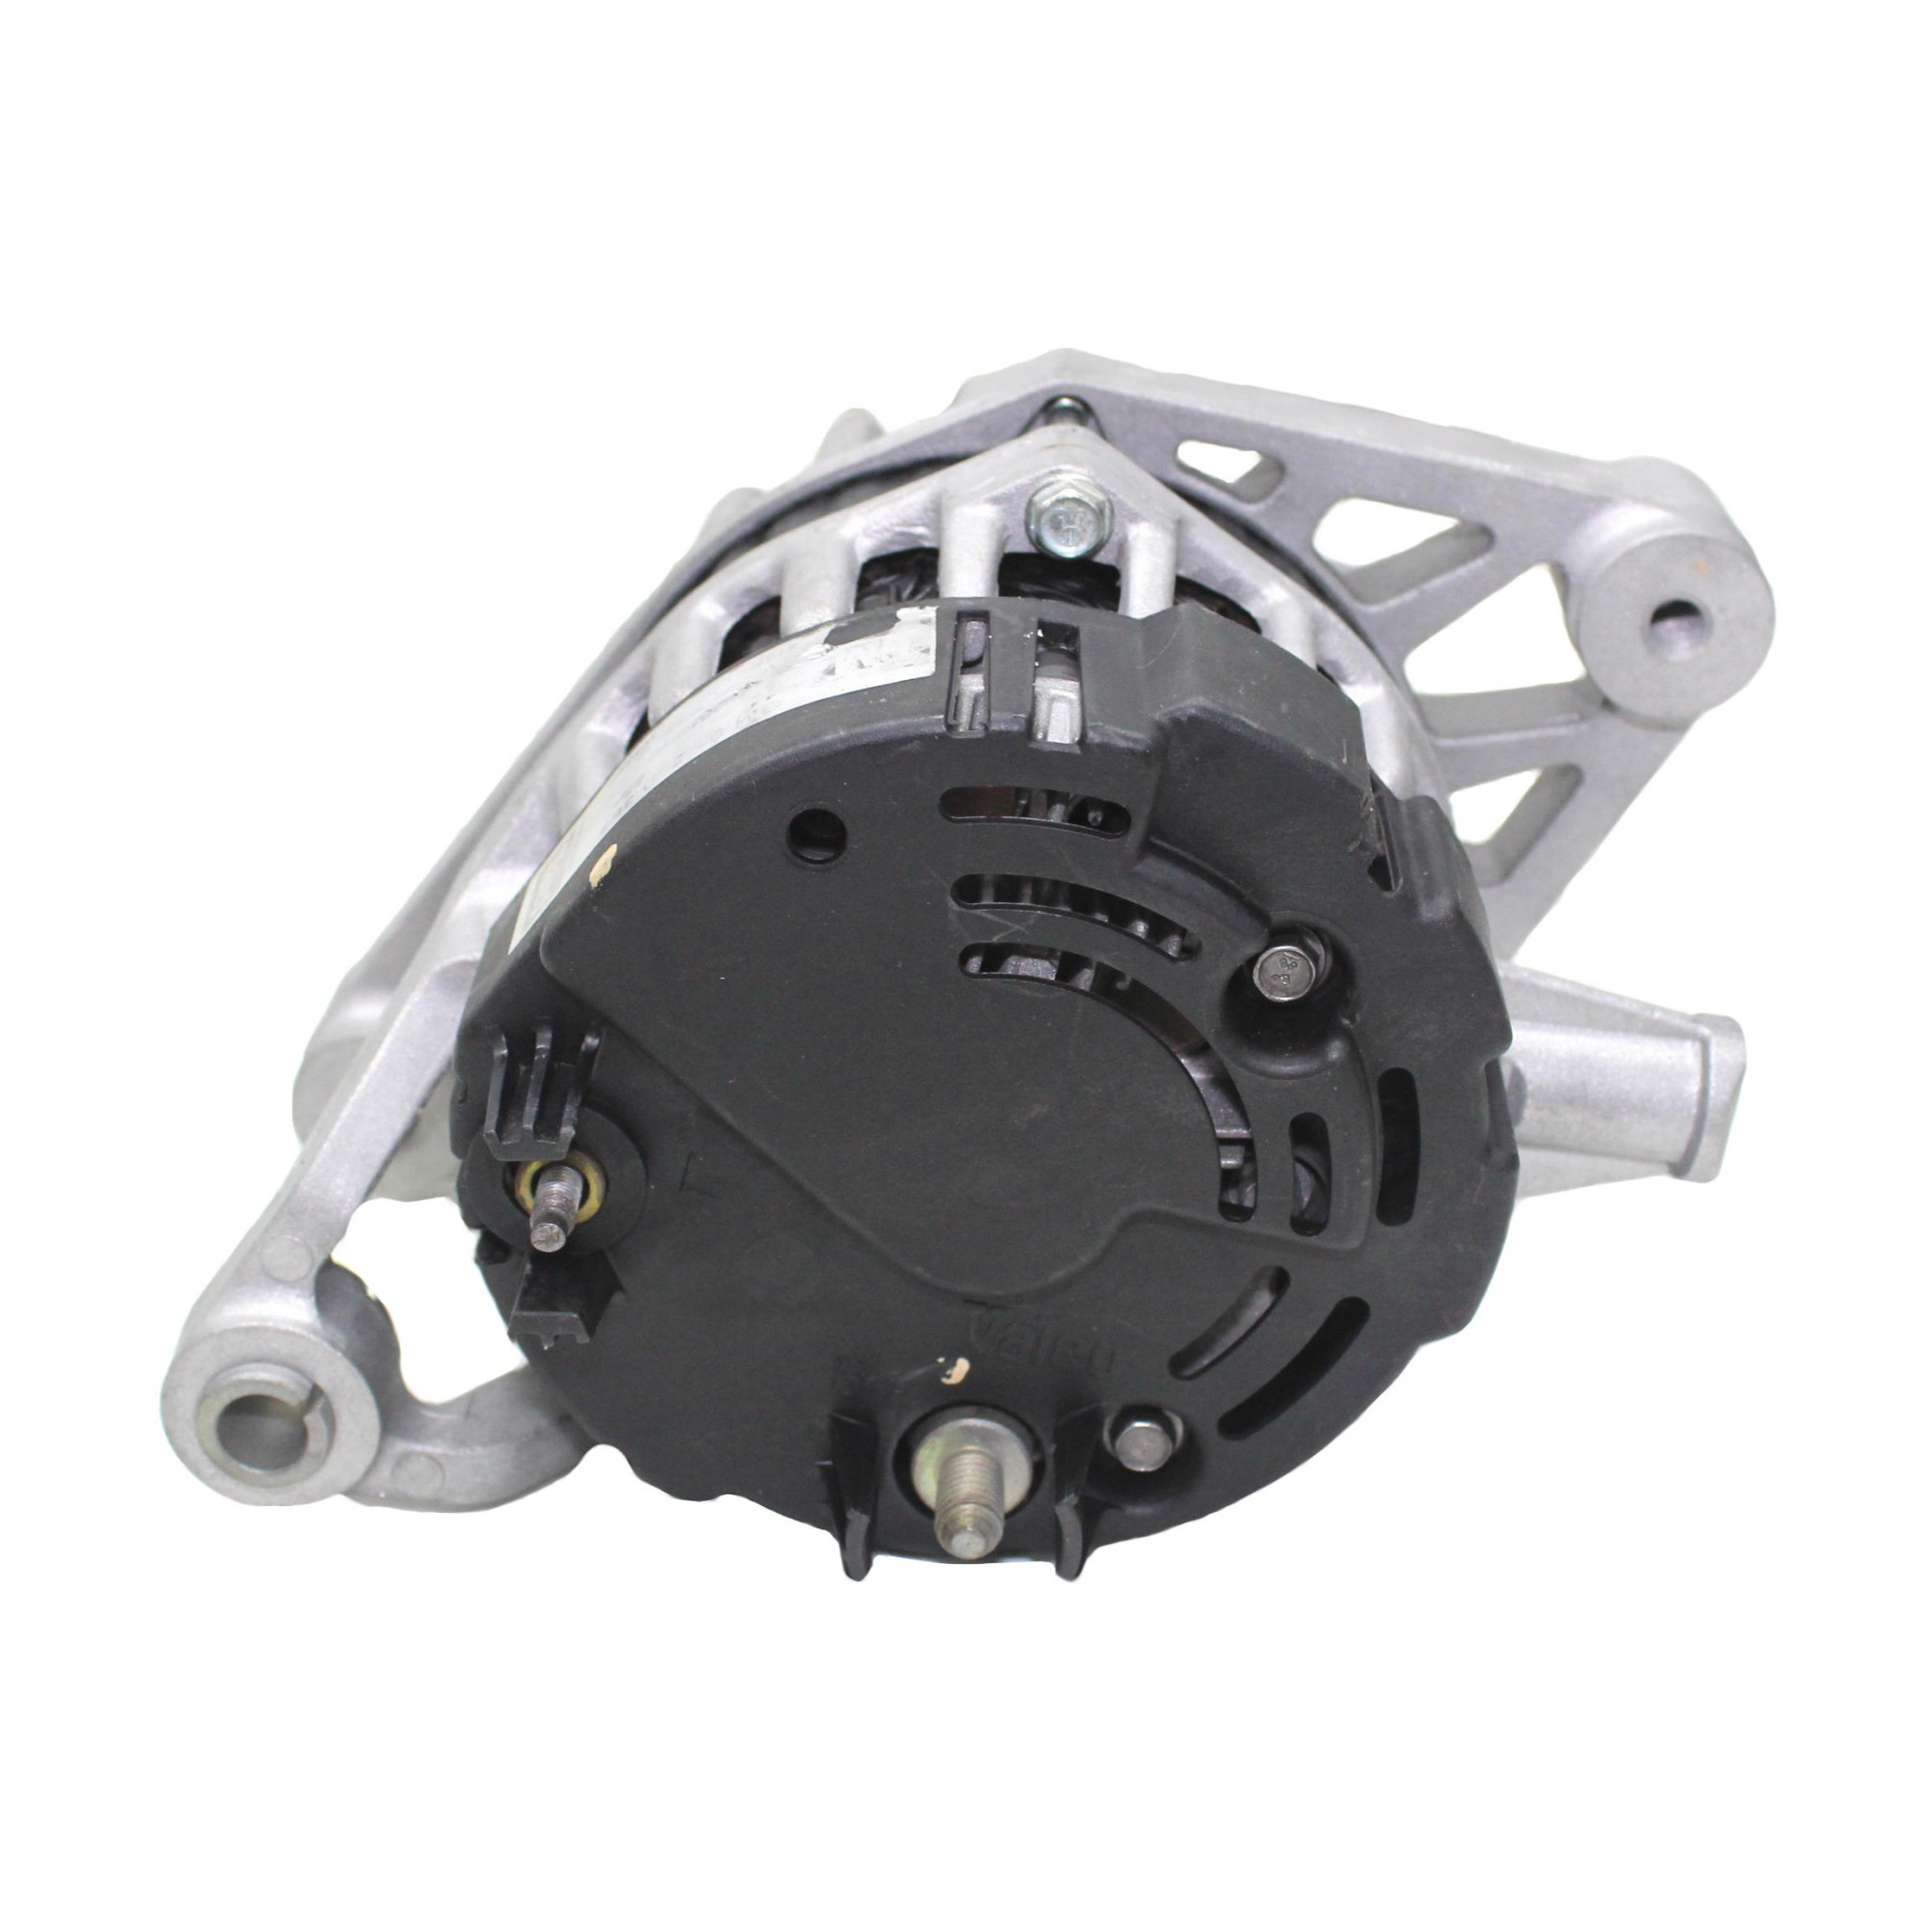 Alternador Valeo 55AH Corsa Classic, Celta, Prisma SG65010/ 93260964